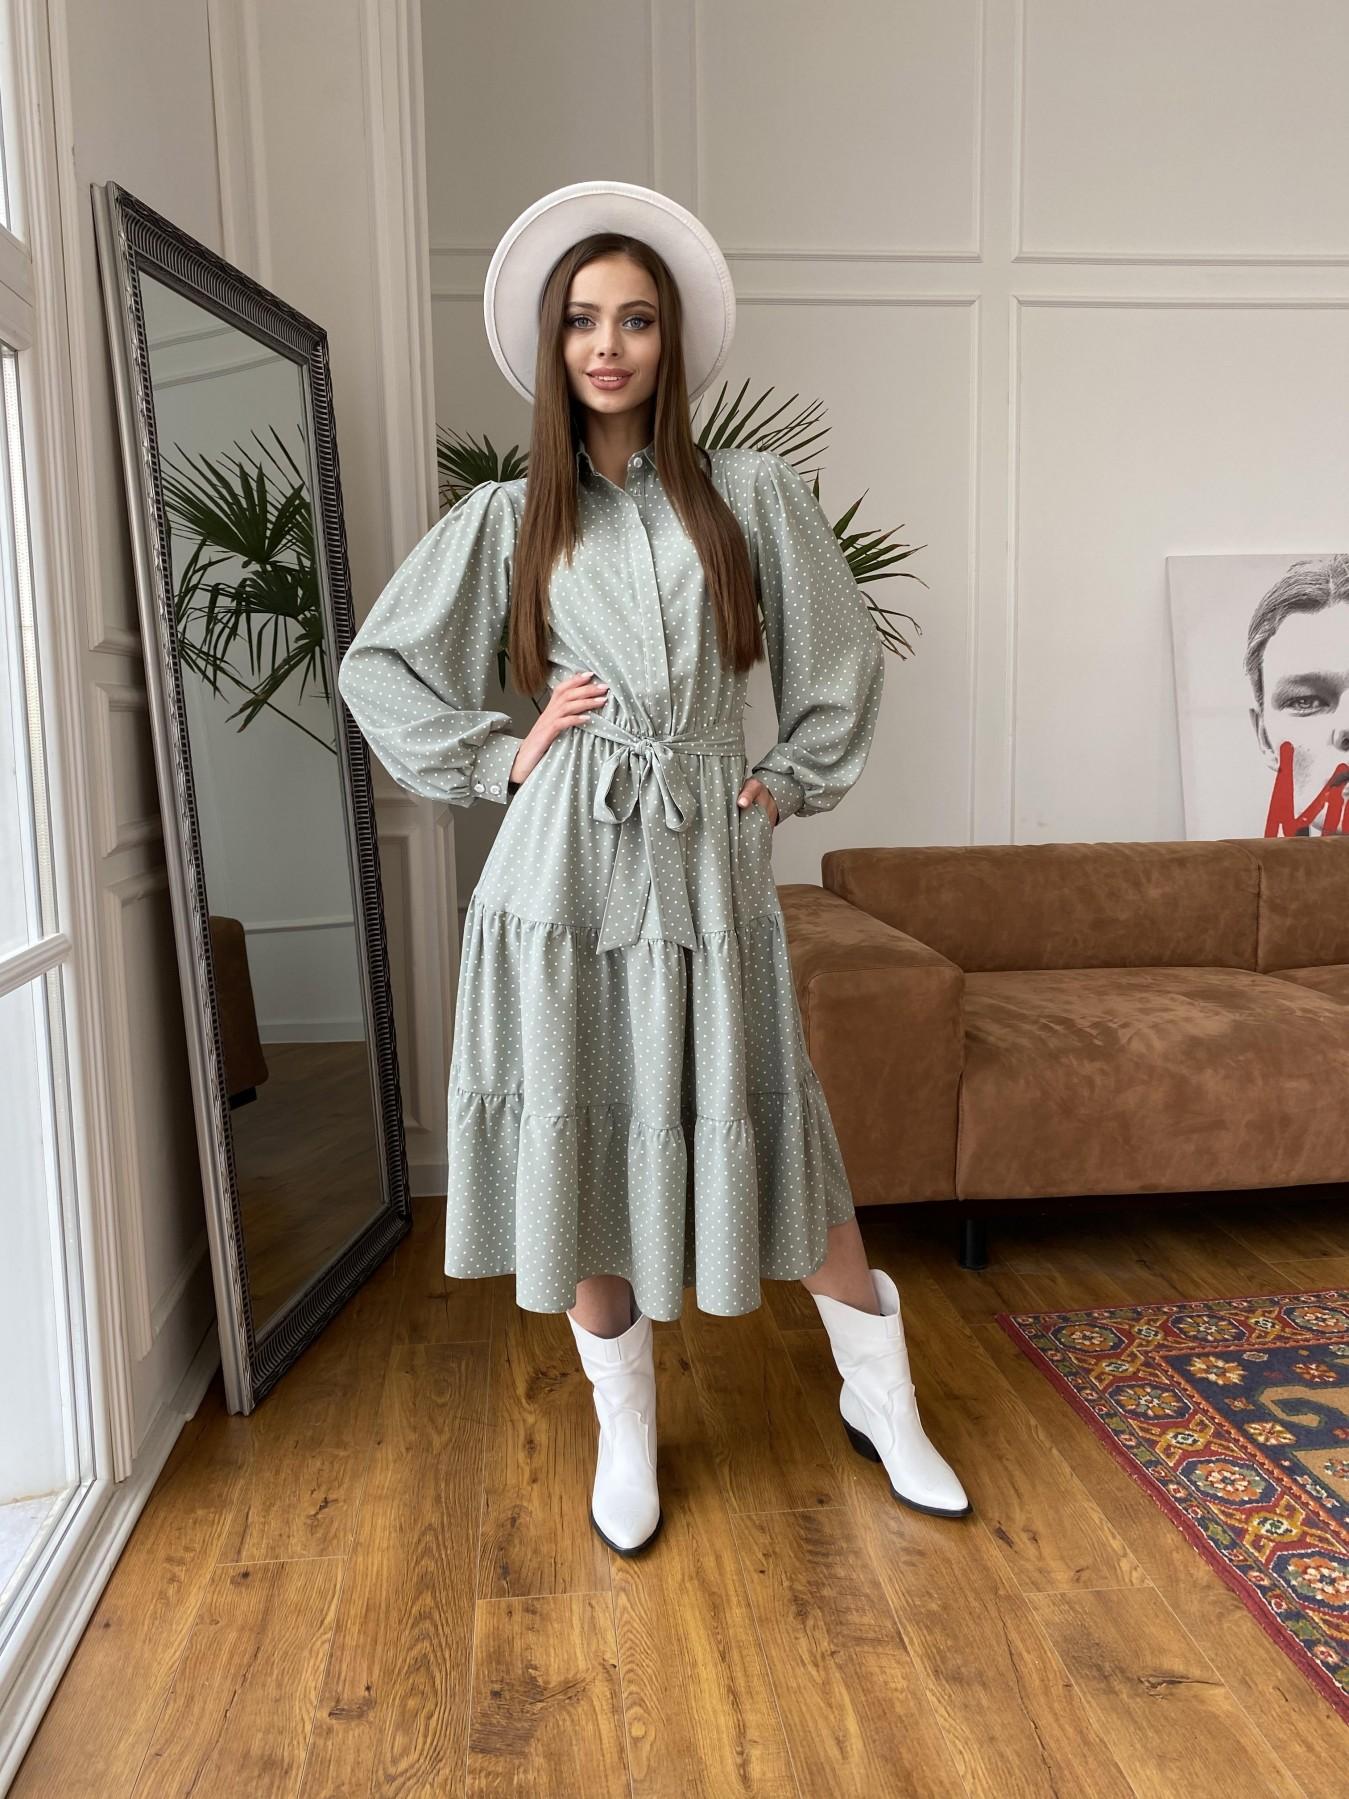 Лилия платье из софта с принтом 11108 АРТ. 47589 Цвет: Олива/ГорохБелыйМелк - фото 3, интернет магазин tm-modus.ru